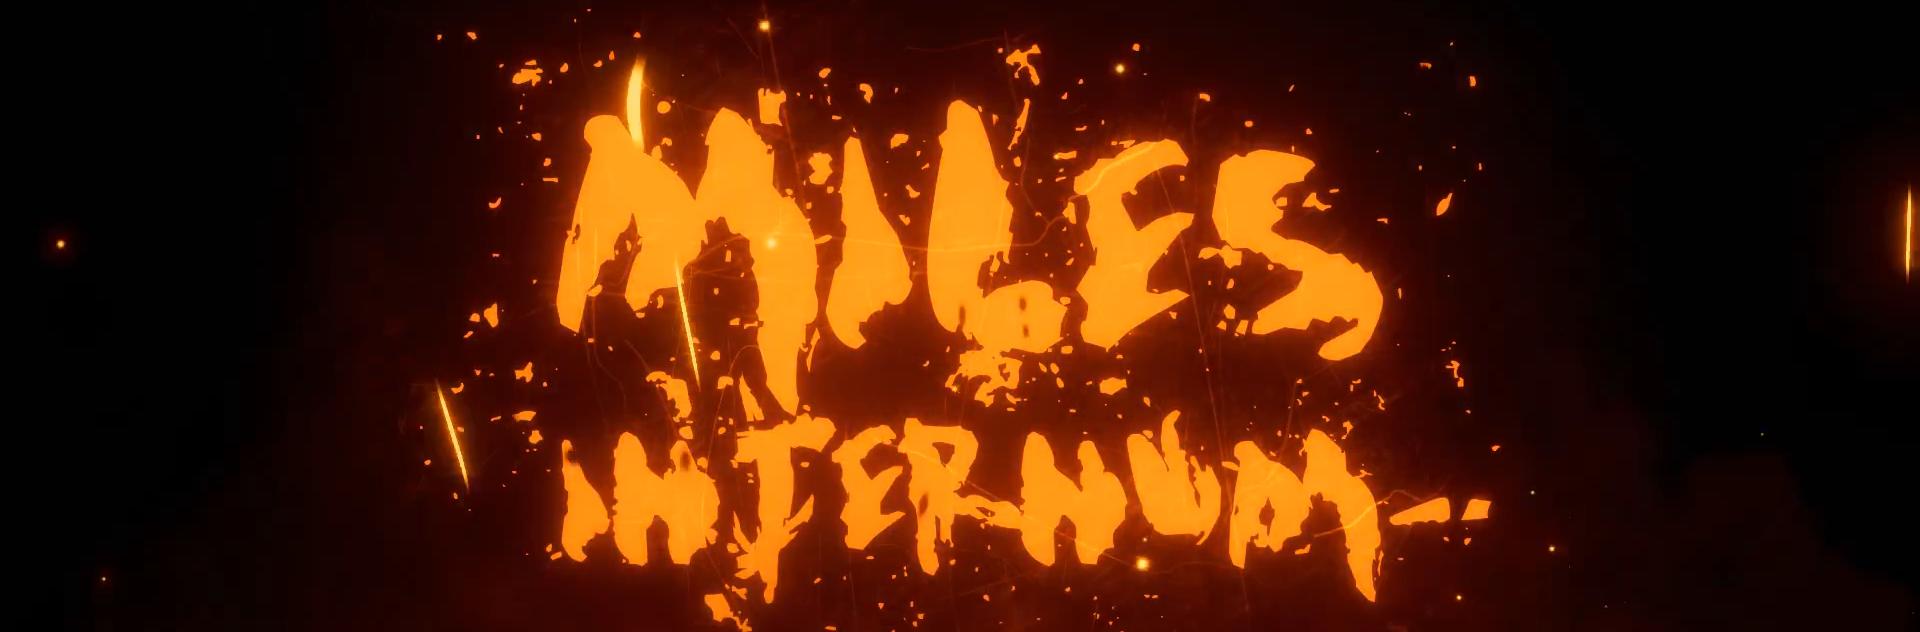 Miles Infernum